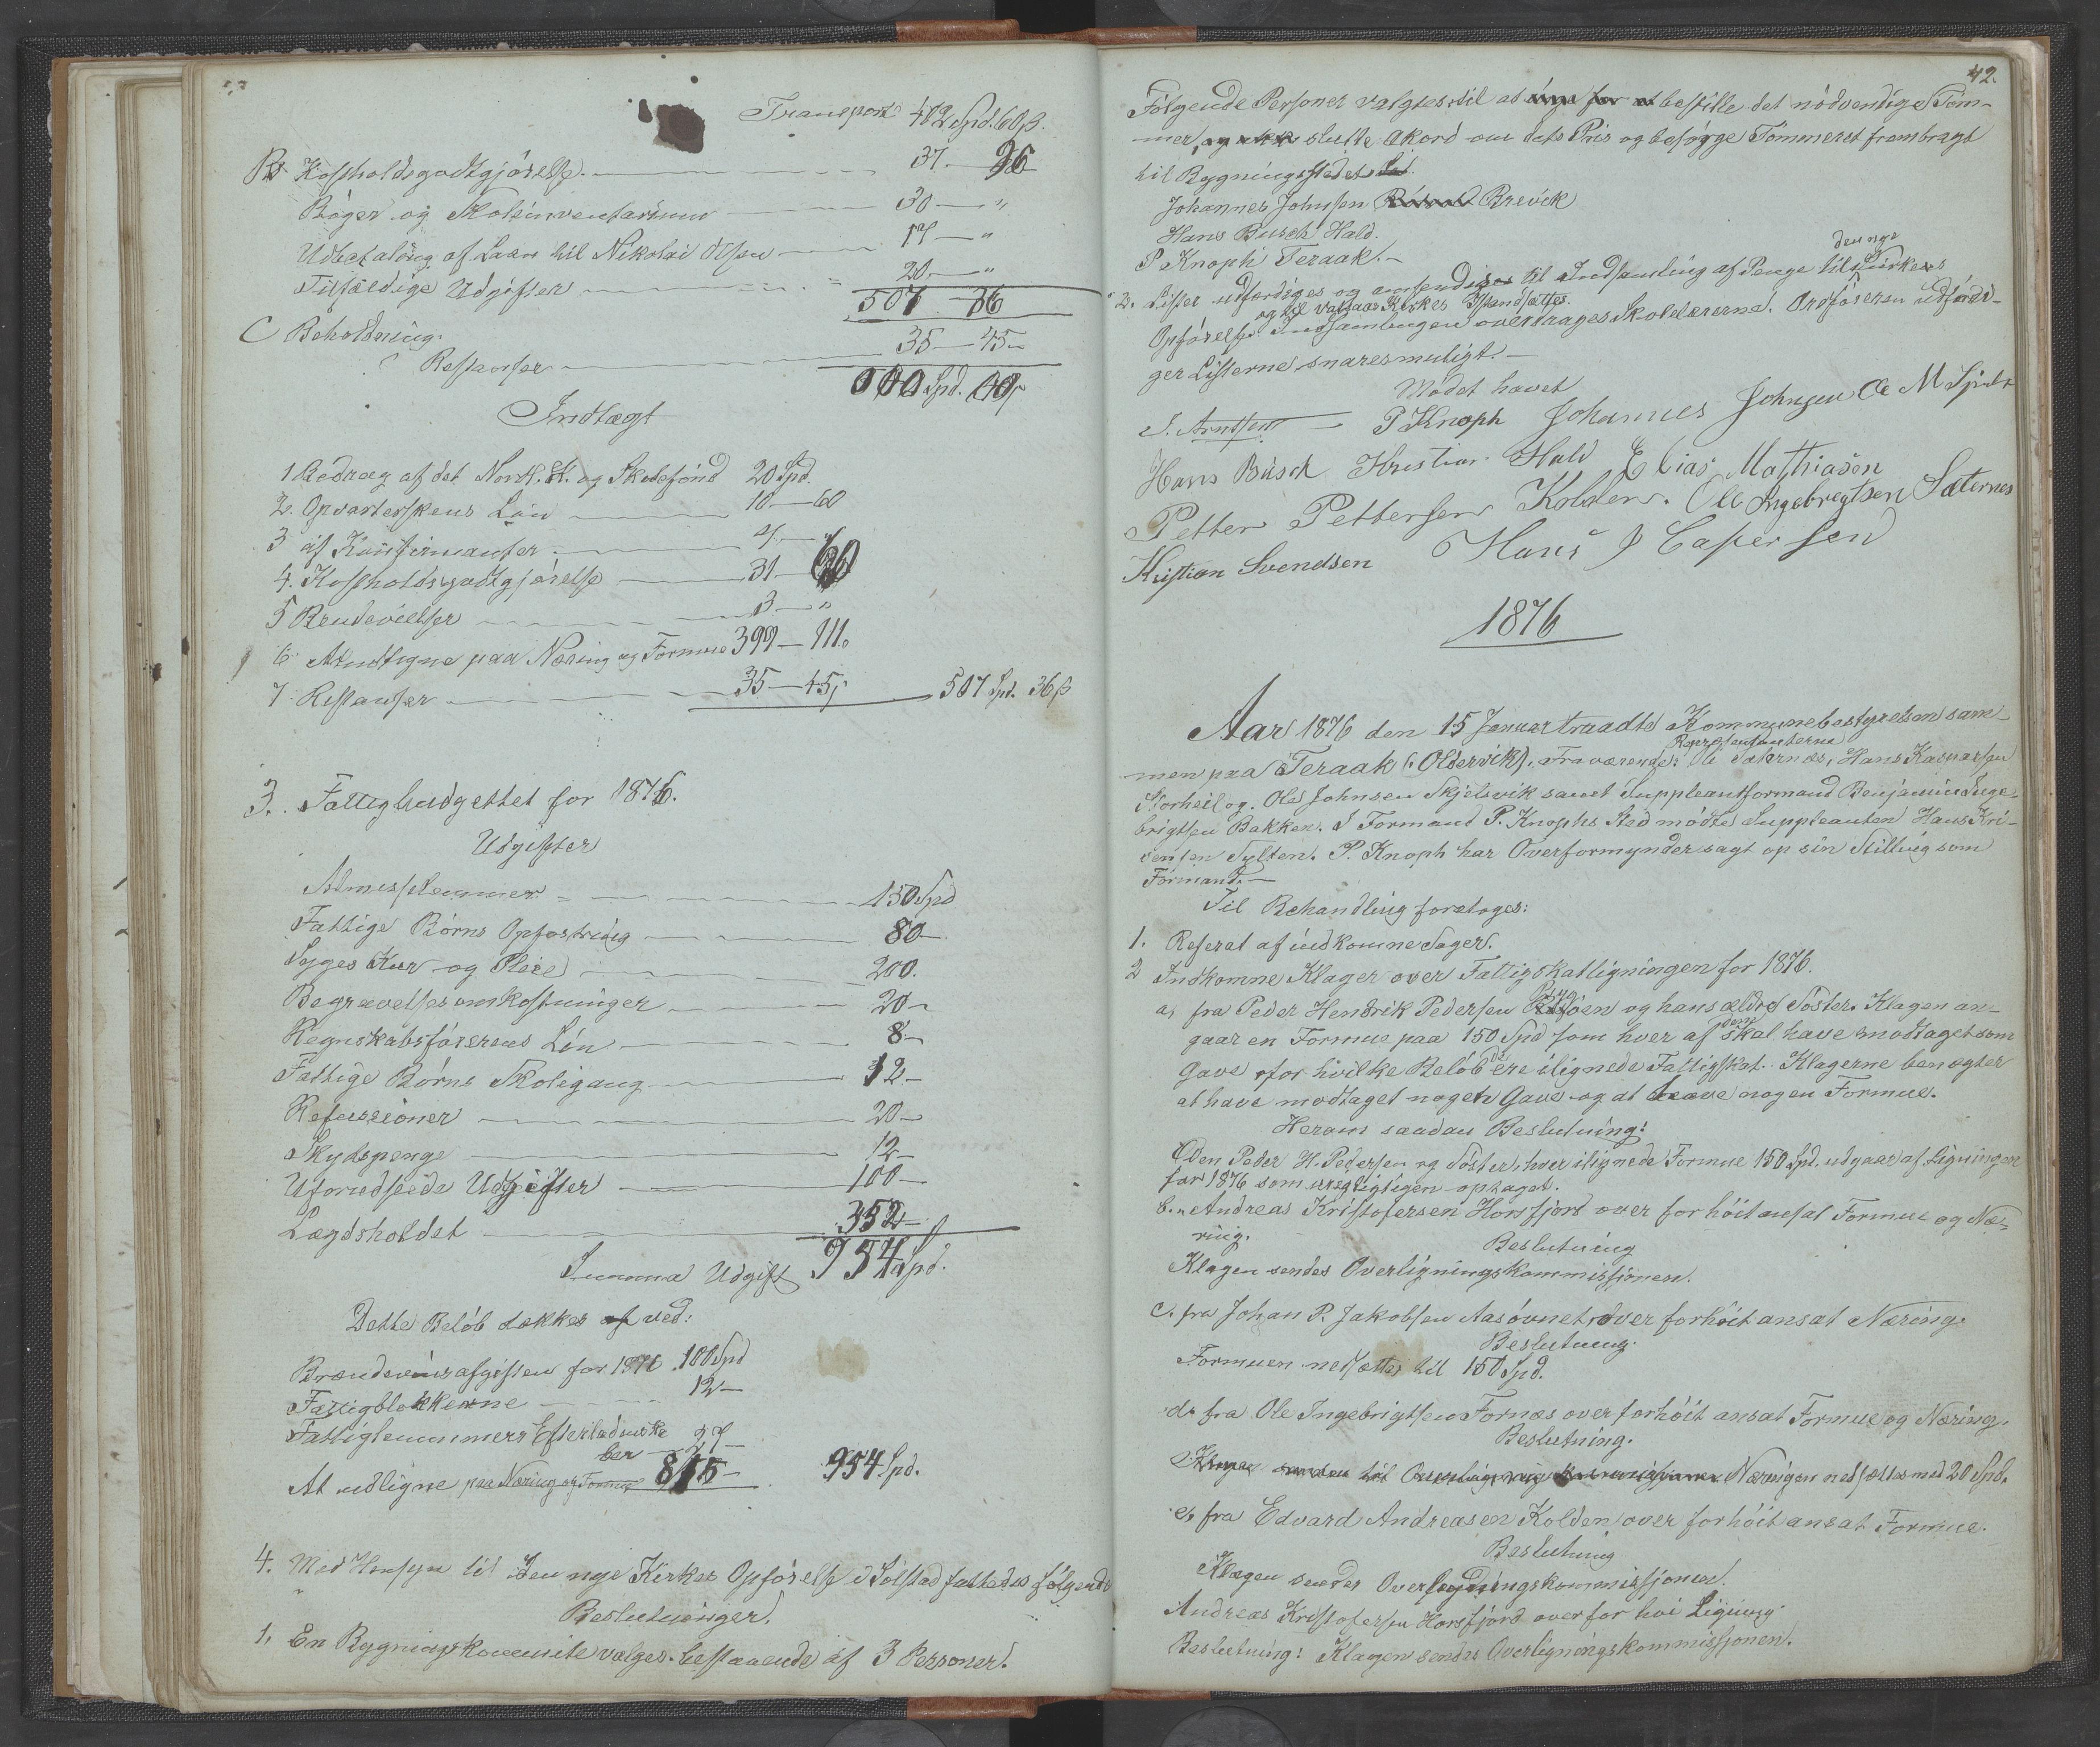 AIN, Bindal kommune. Formannskapet, A/Aa/L0000a: Møtebok, 1843-1881, s. 42